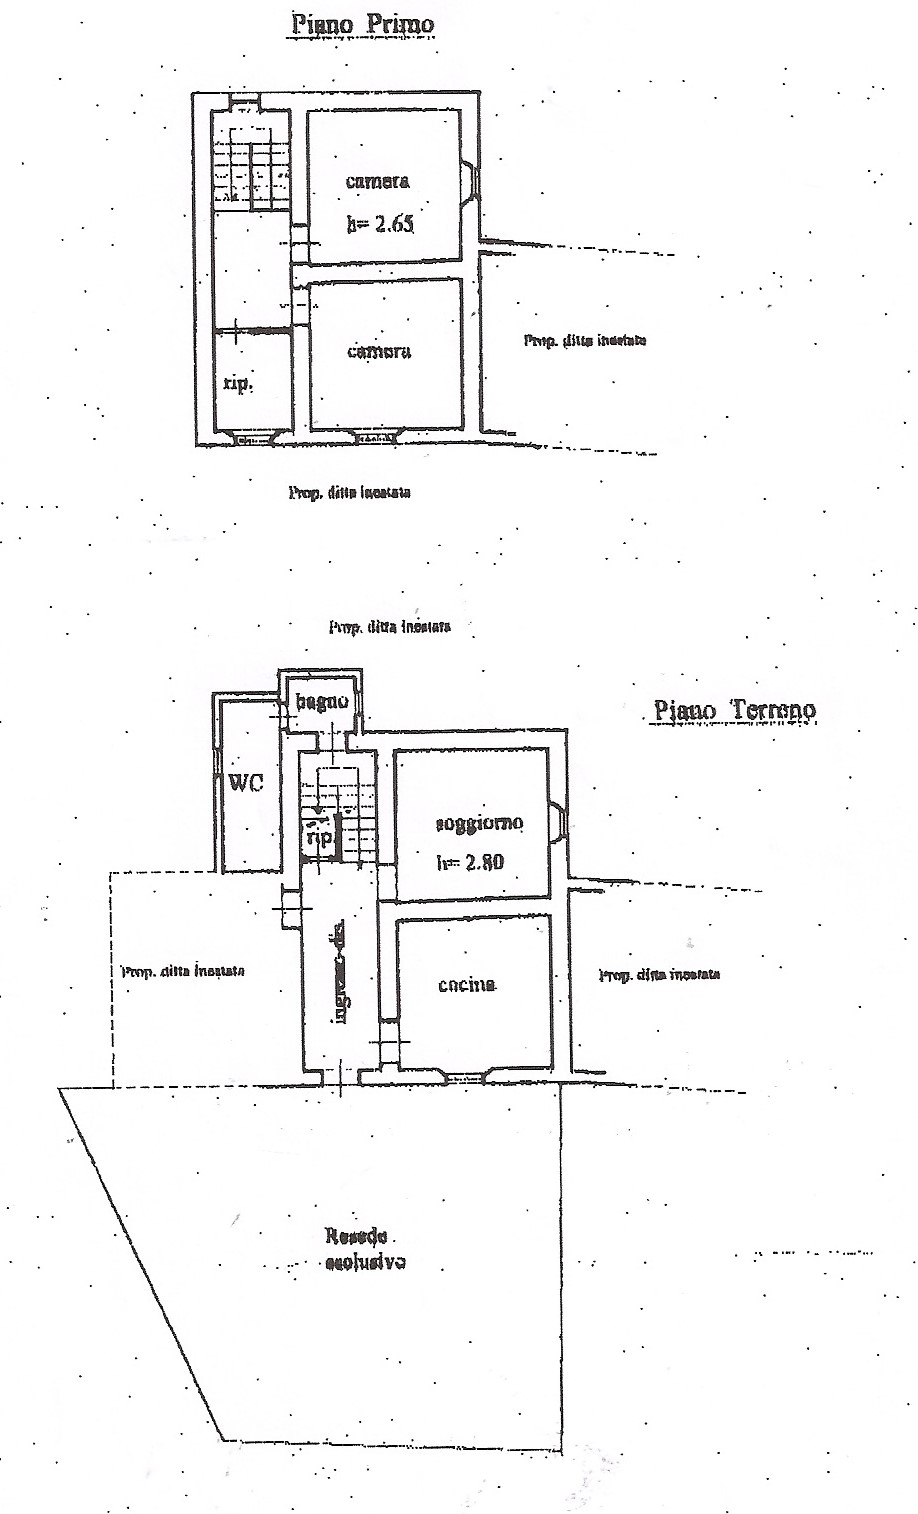 2001 (1).jpg (4612)